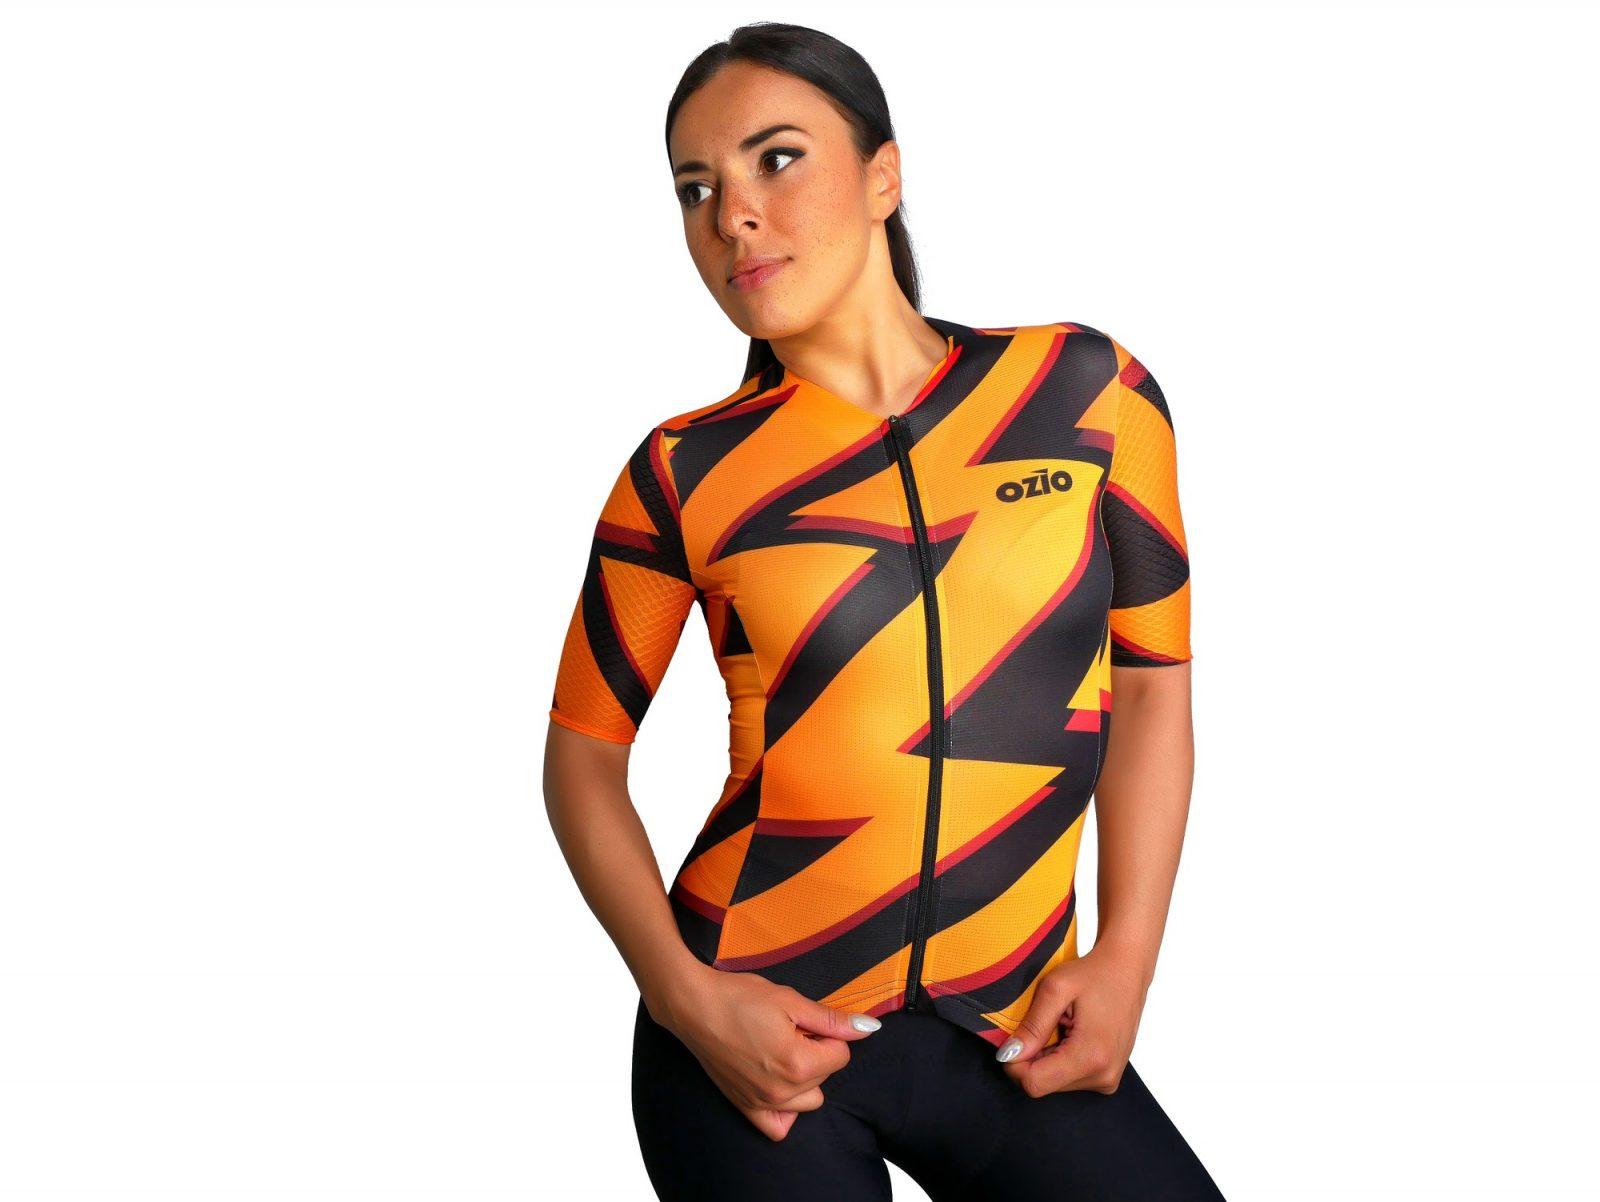 Maillot de vélo femme orange et noir OZIO